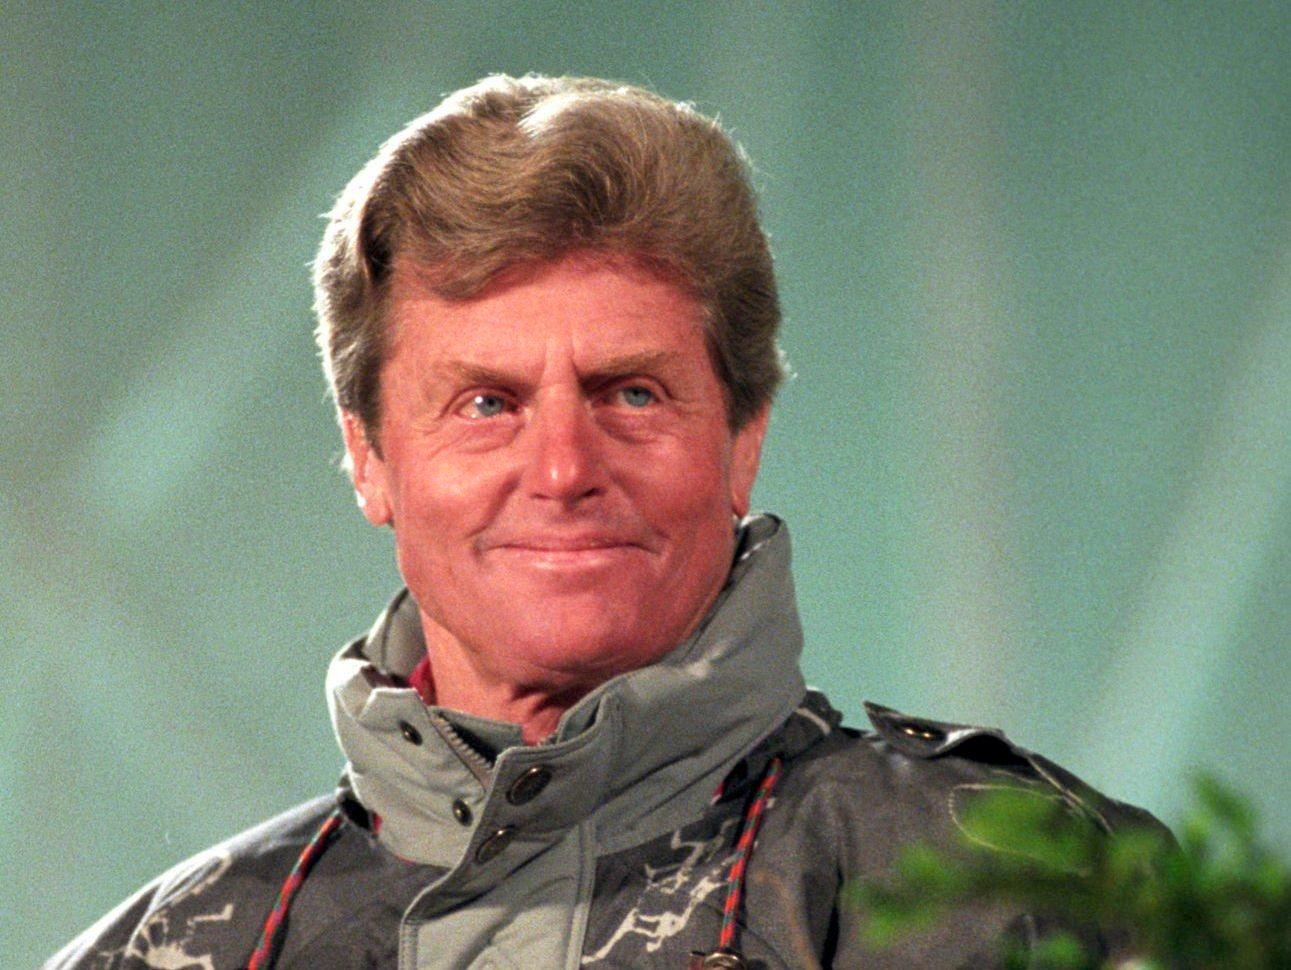 LEGENDE: Tidligere alpinist Stein Eriksen - her som gjest under vinter-OL på Lillehammer i 1994 - dro til USA etter OL-suksessen på 50-tallet og ble boende der.